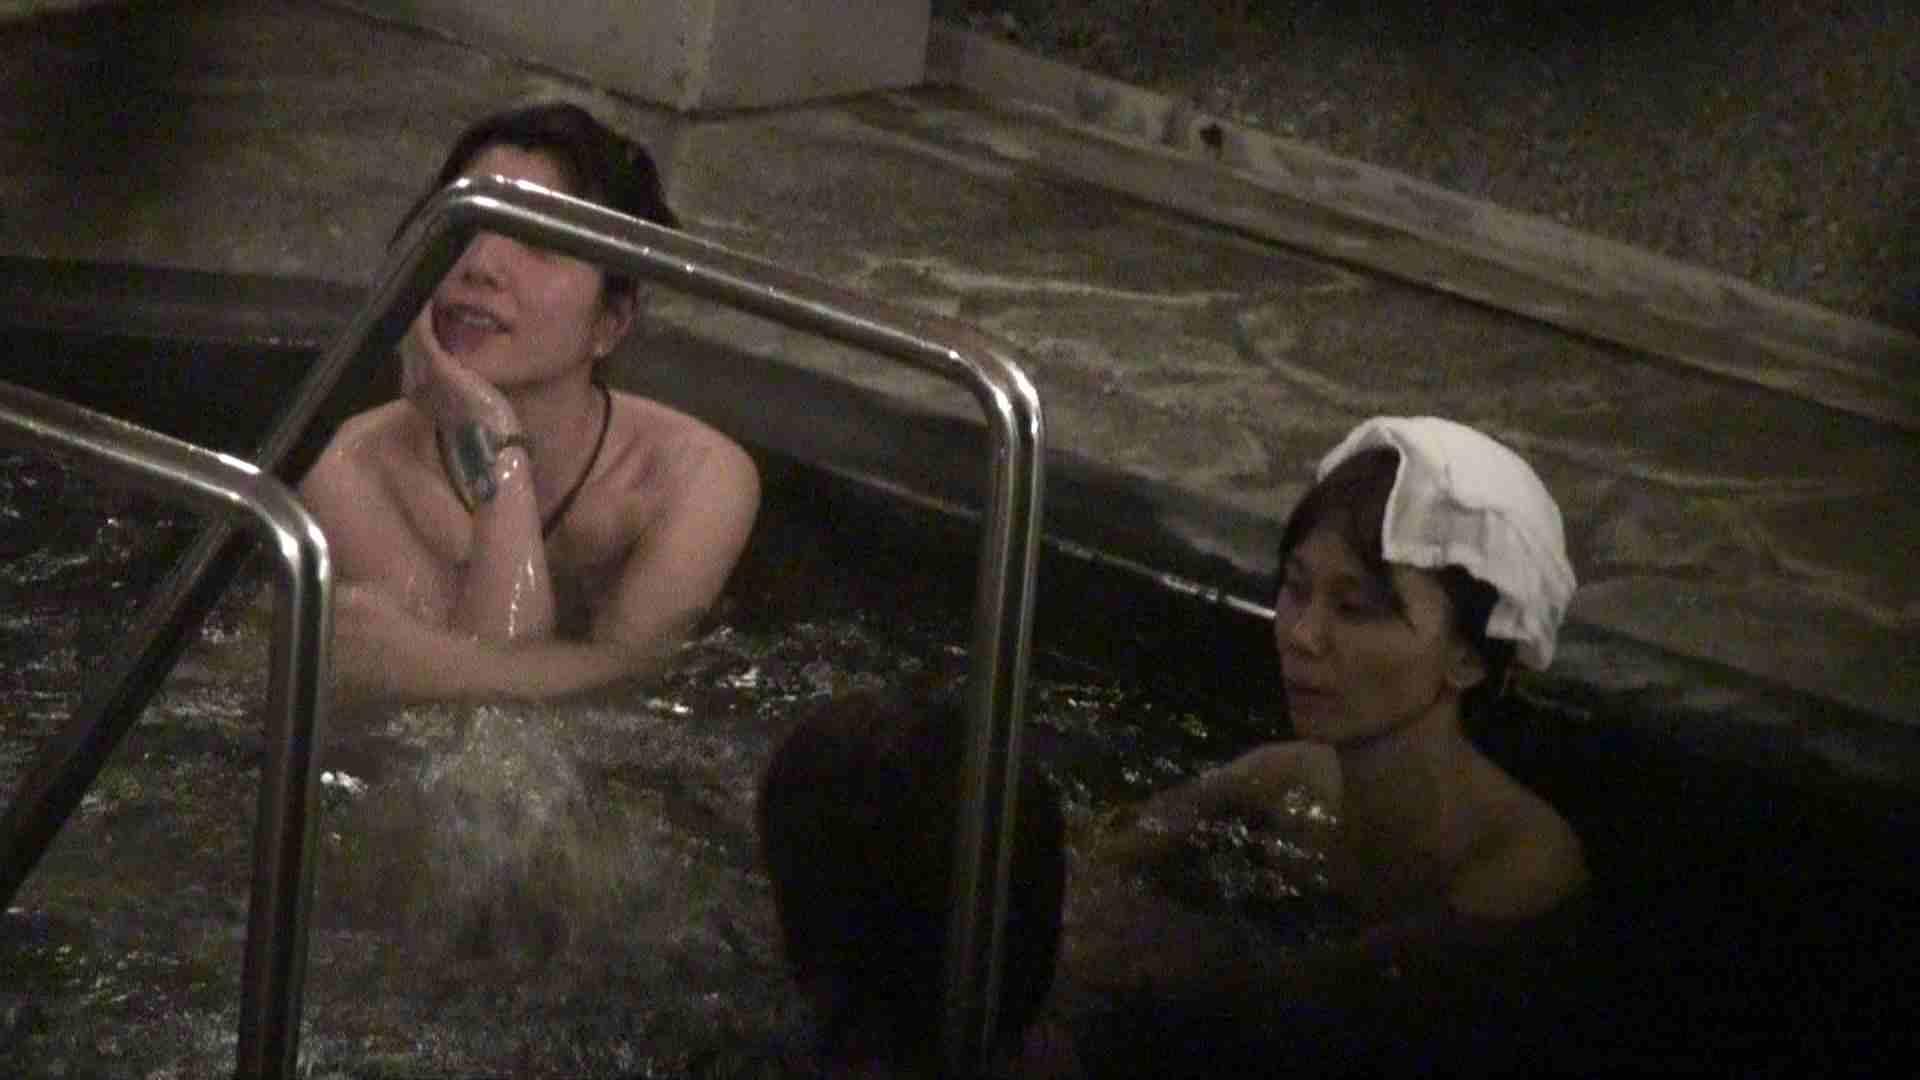 Aquaな露天風呂Vol.419 OLのエロ生活  29連発 9